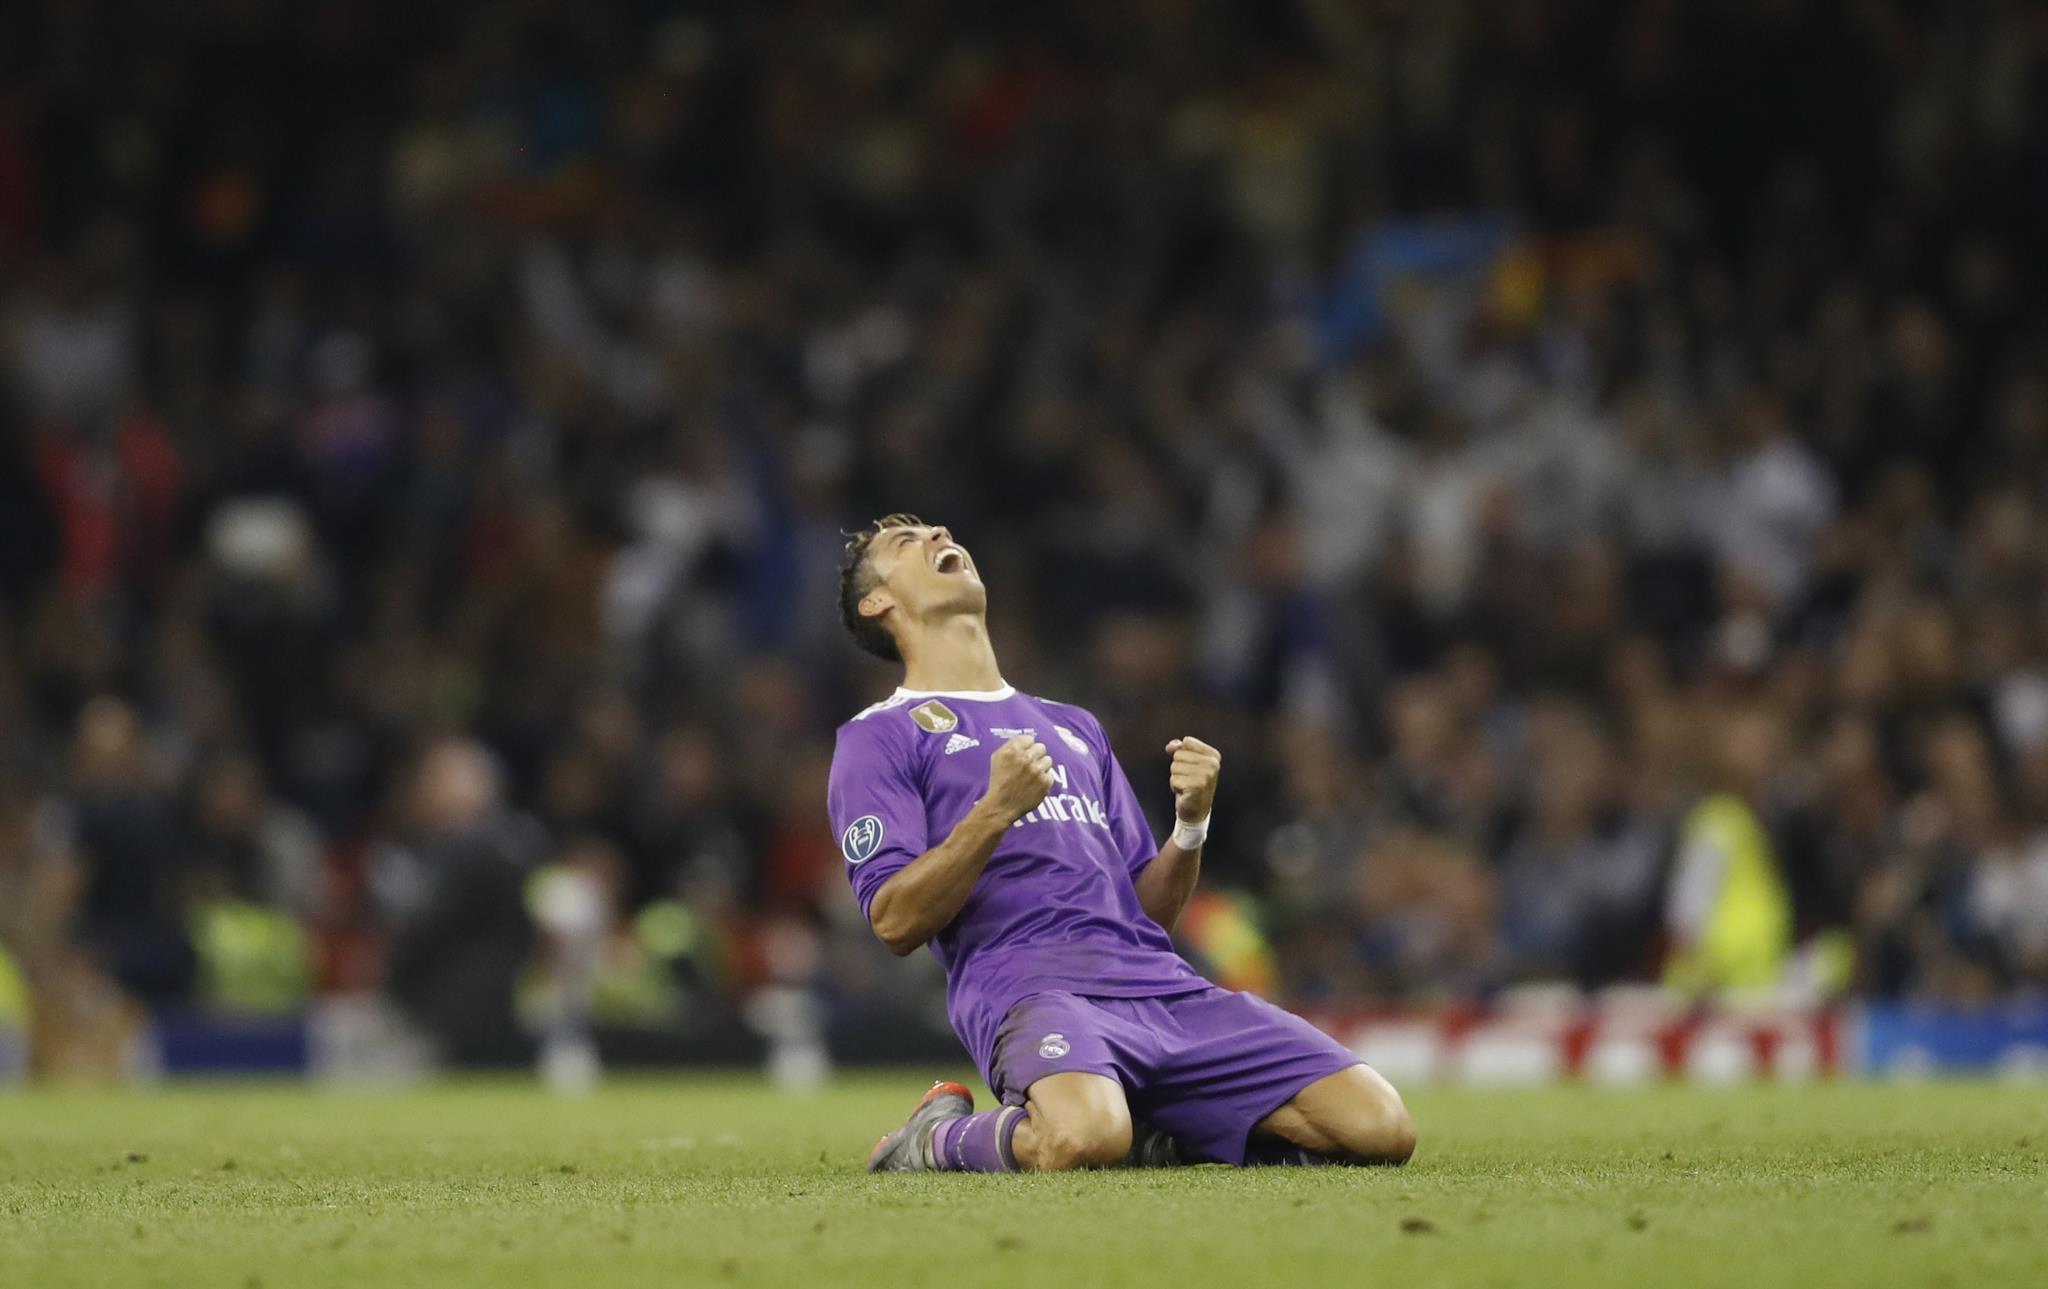 Cristiano Ronaldo (Futebol): 82,6 milhões de euros